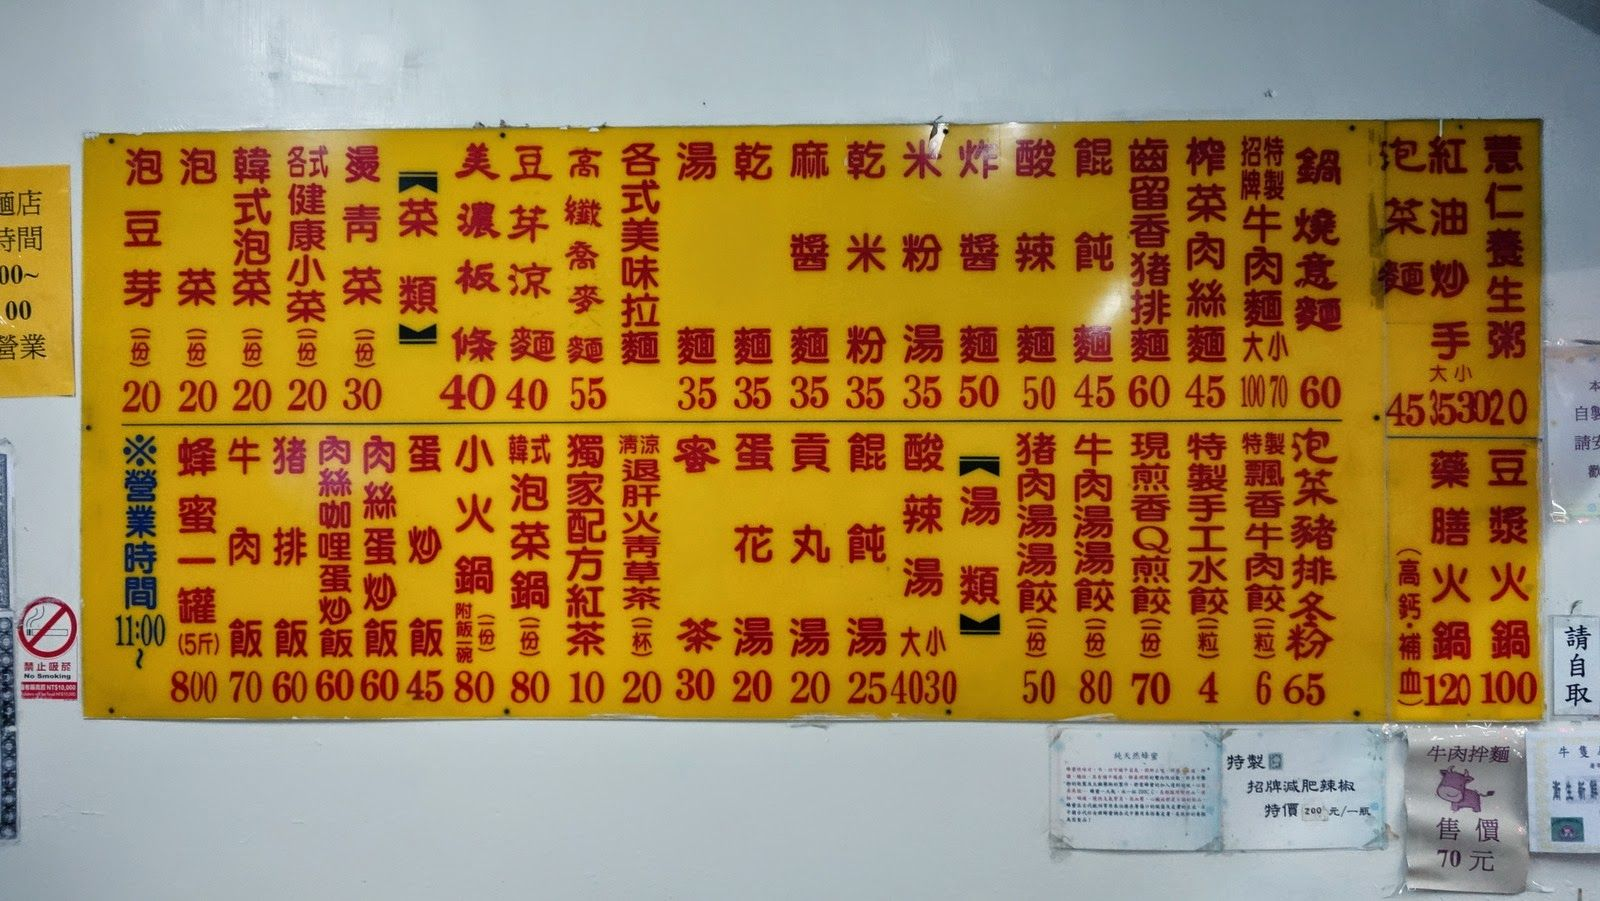 永承麵店 - 台南市中西區慶東街83號 (麵、湯、小菜) $35~100 停車:N | Beef Noodles | Pinterest